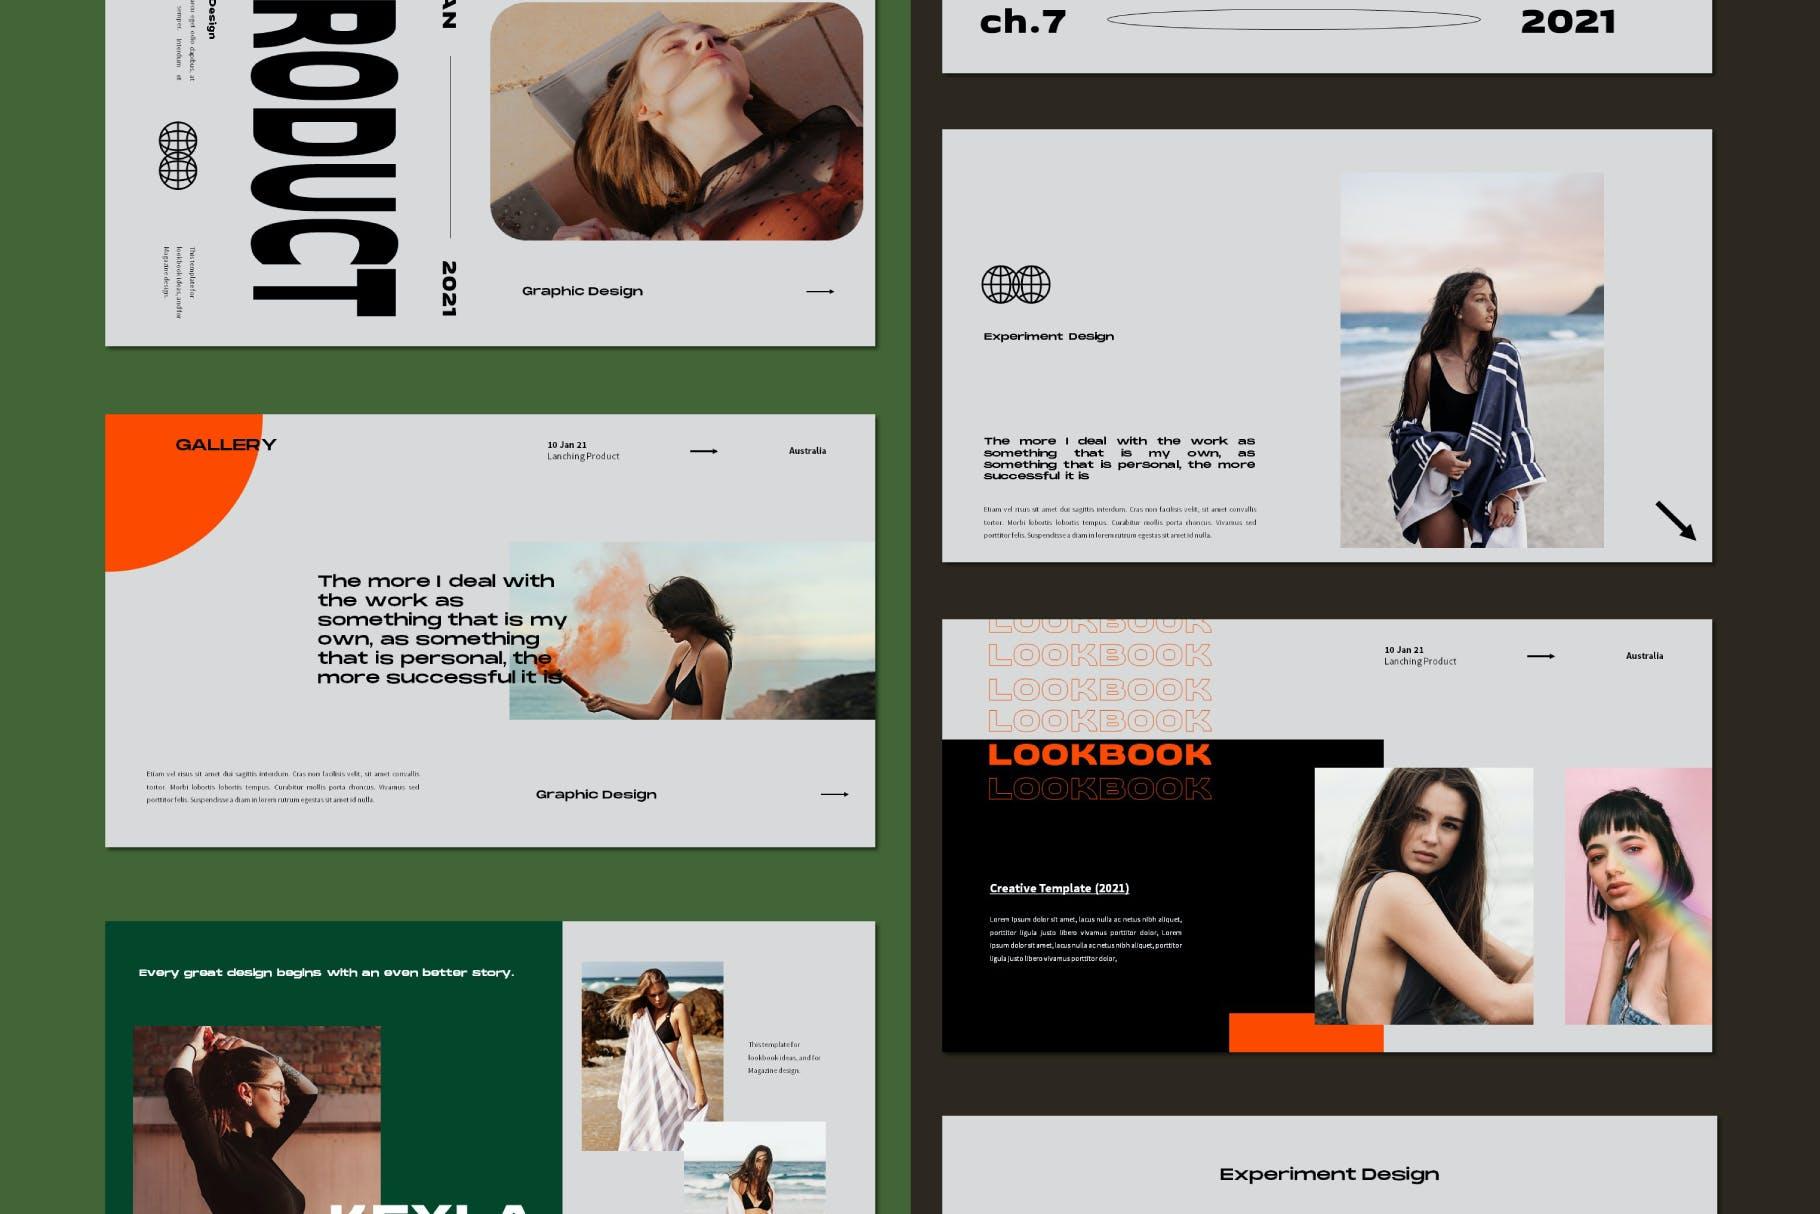 时尚潮流品牌策划案提案简报设计演示文稿模板 Brooke Powerpoint Template插图6